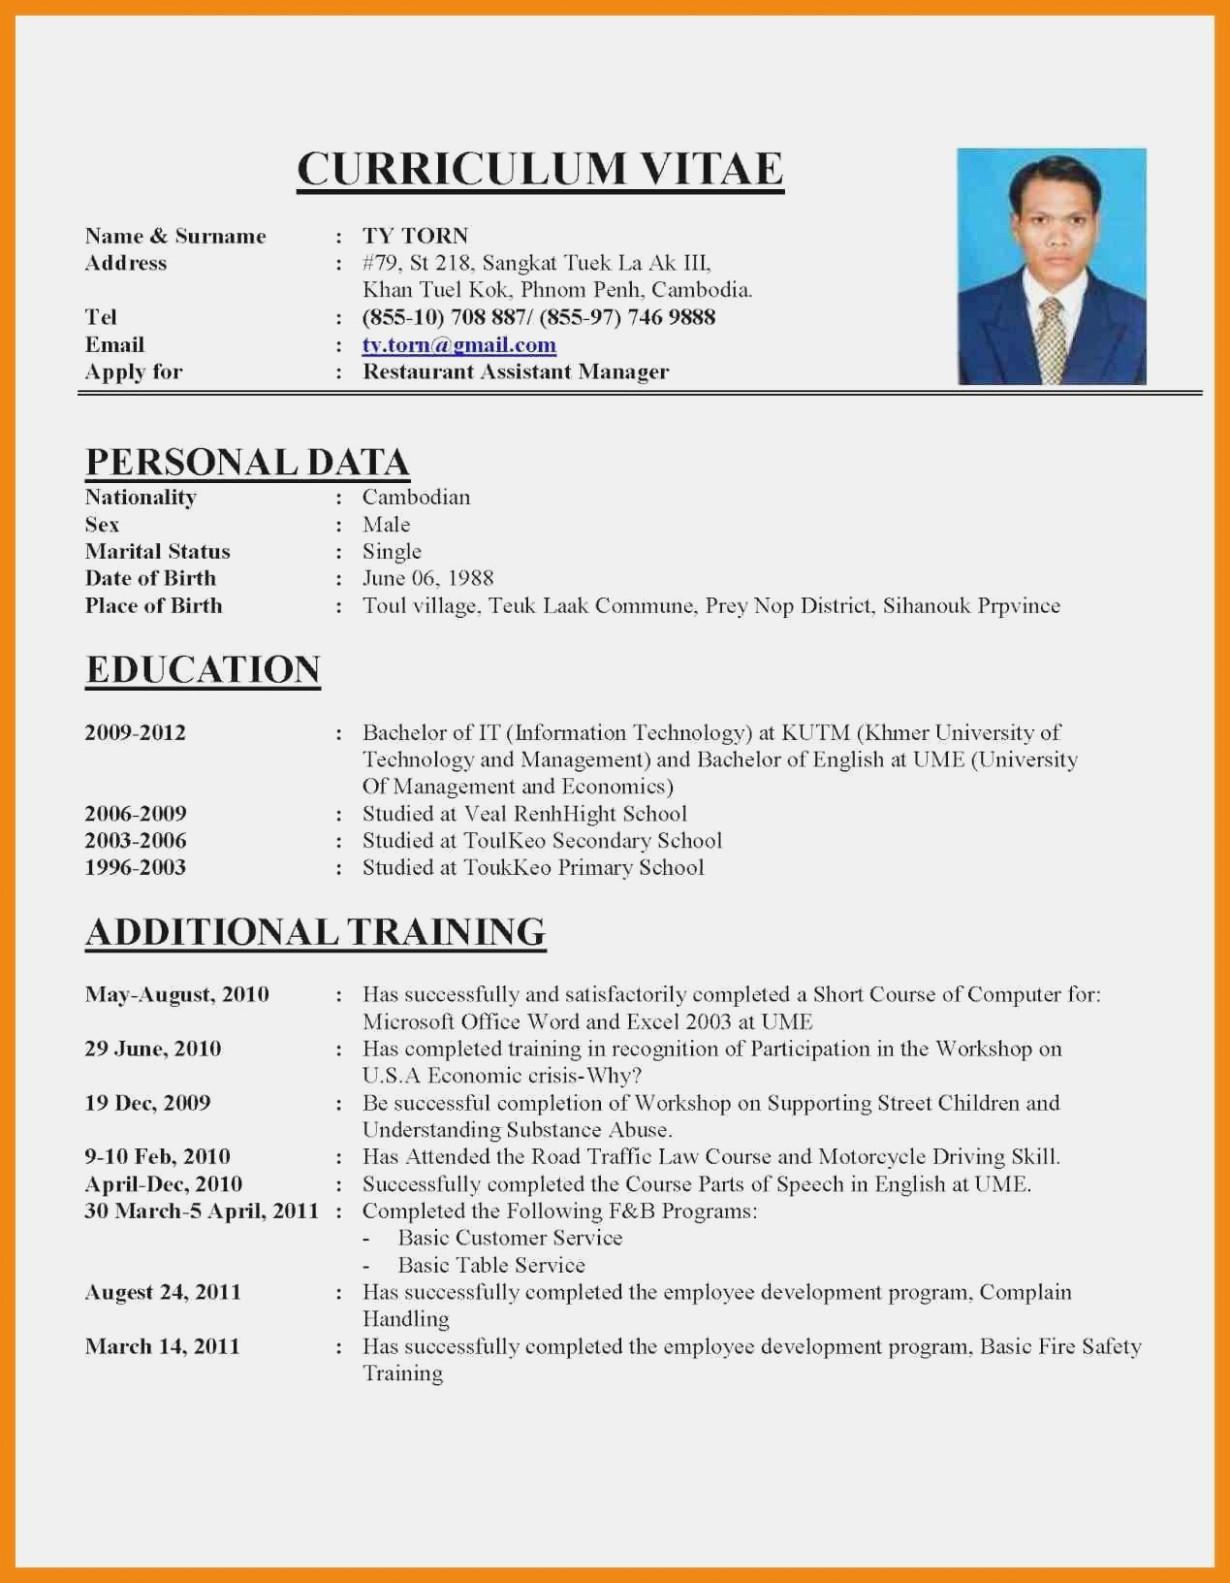 How To Do A Resume How Make Cv For Job Oklmindsproutco To Curriculum Vitae A Resume Hwo 15 How Do You Create A Resume how to do a resume|wikiresume.com